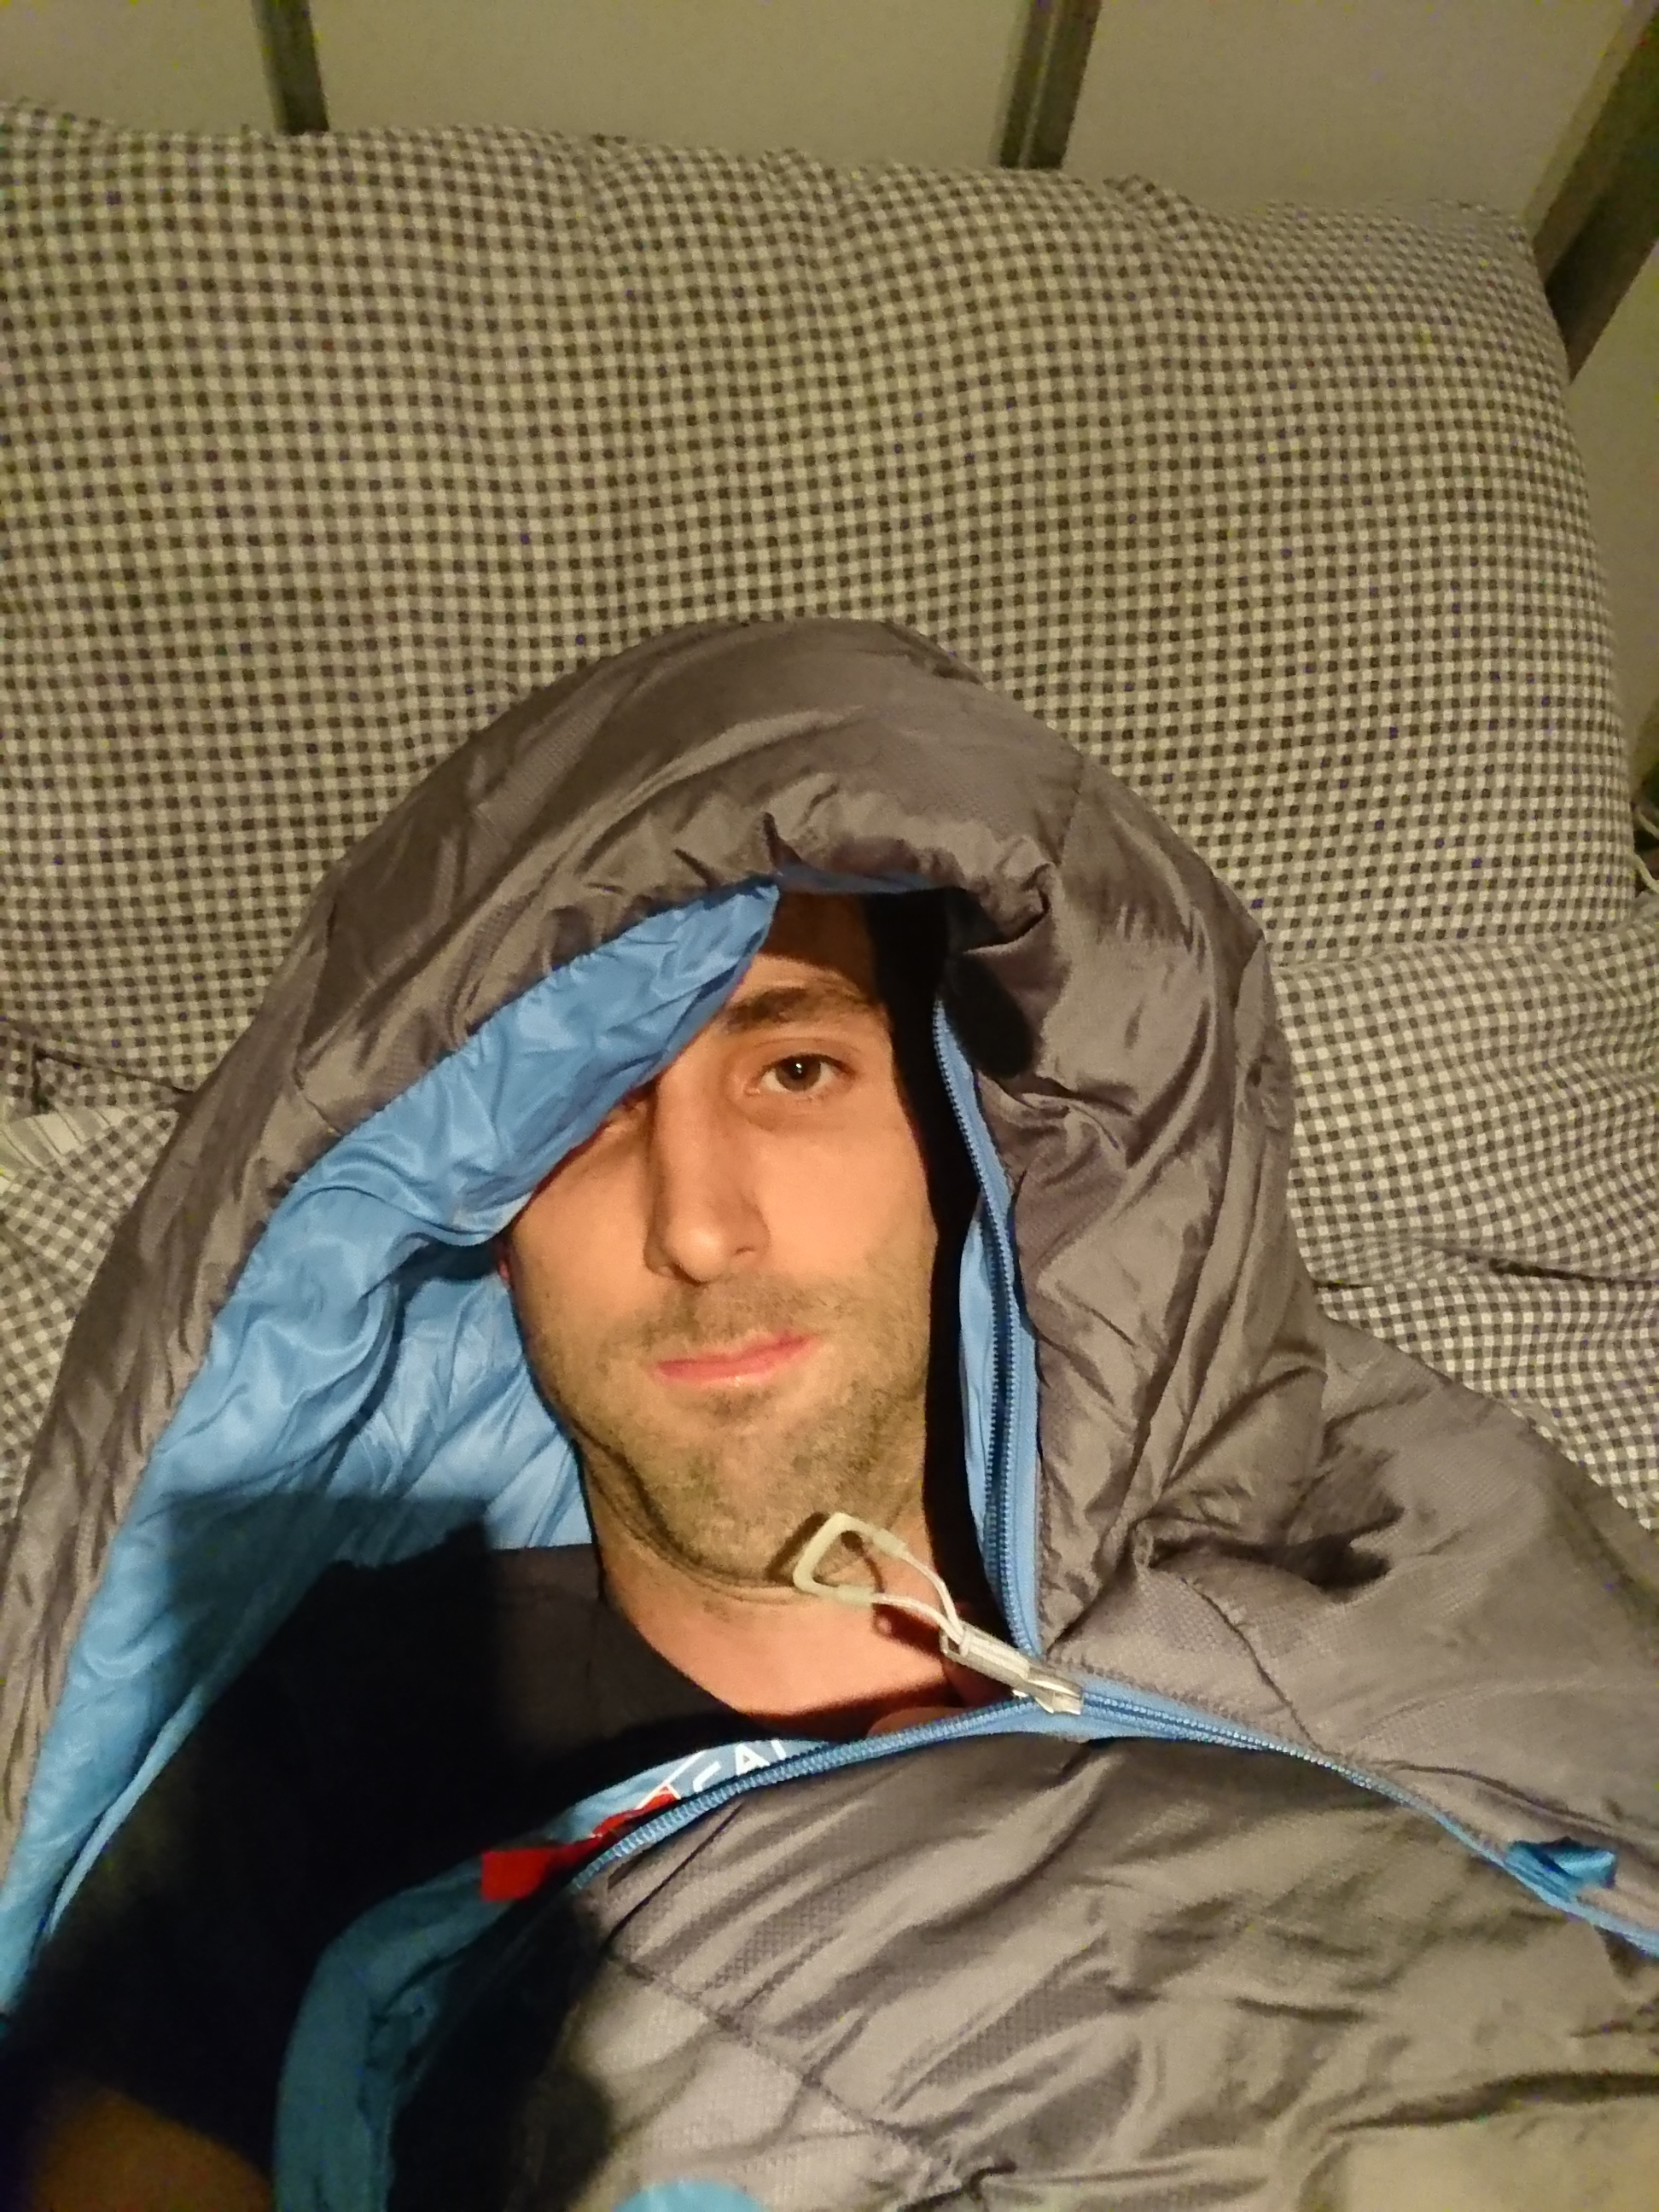 Sleeping bag selfie